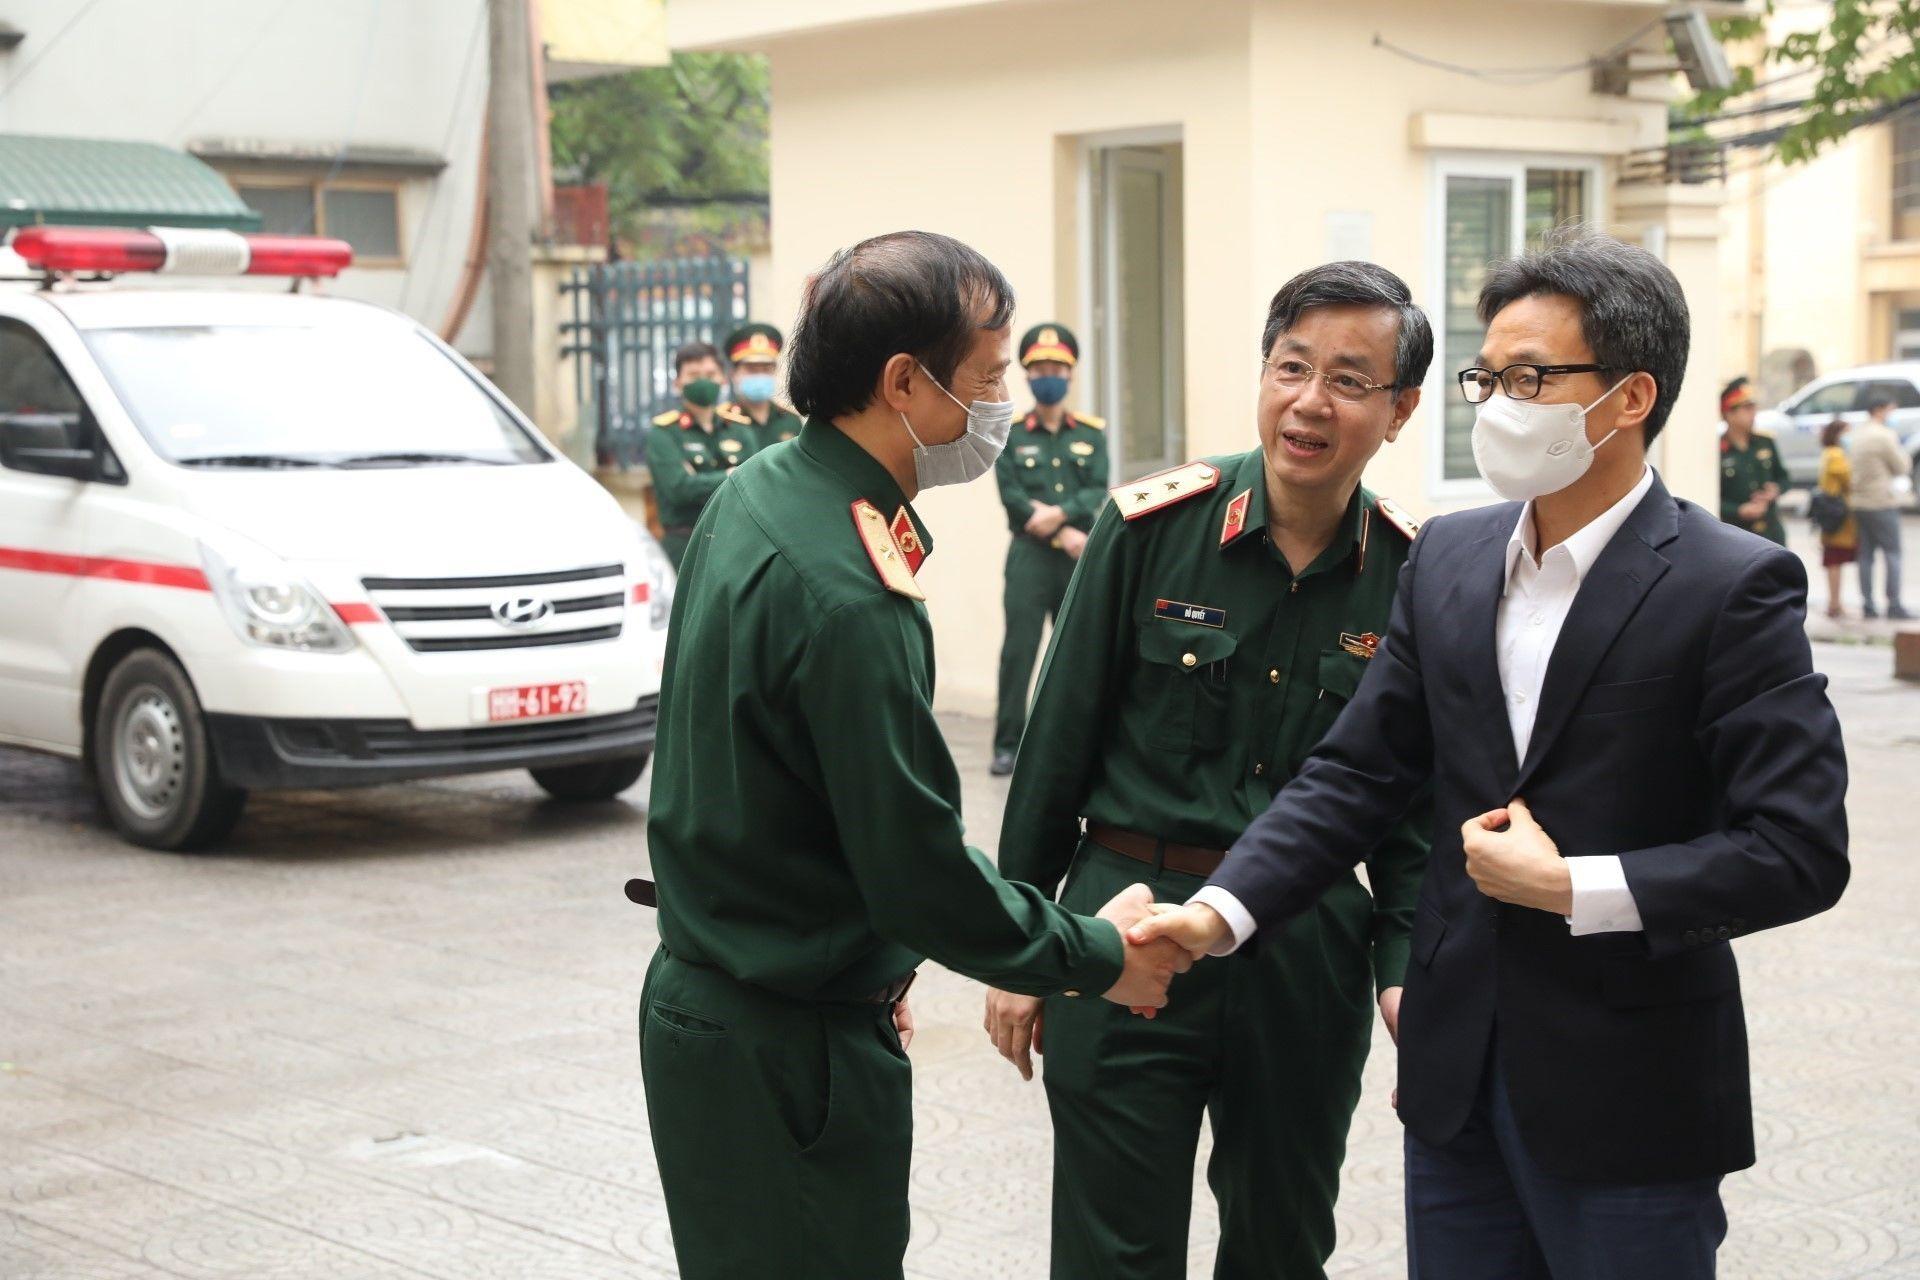 Phó thủ tướng Vũ Đức Đam tiêm thử nghiệm vaccine 'Made in Vietnam' - Sputnik Việt Nam, 1920, 26.03.2021